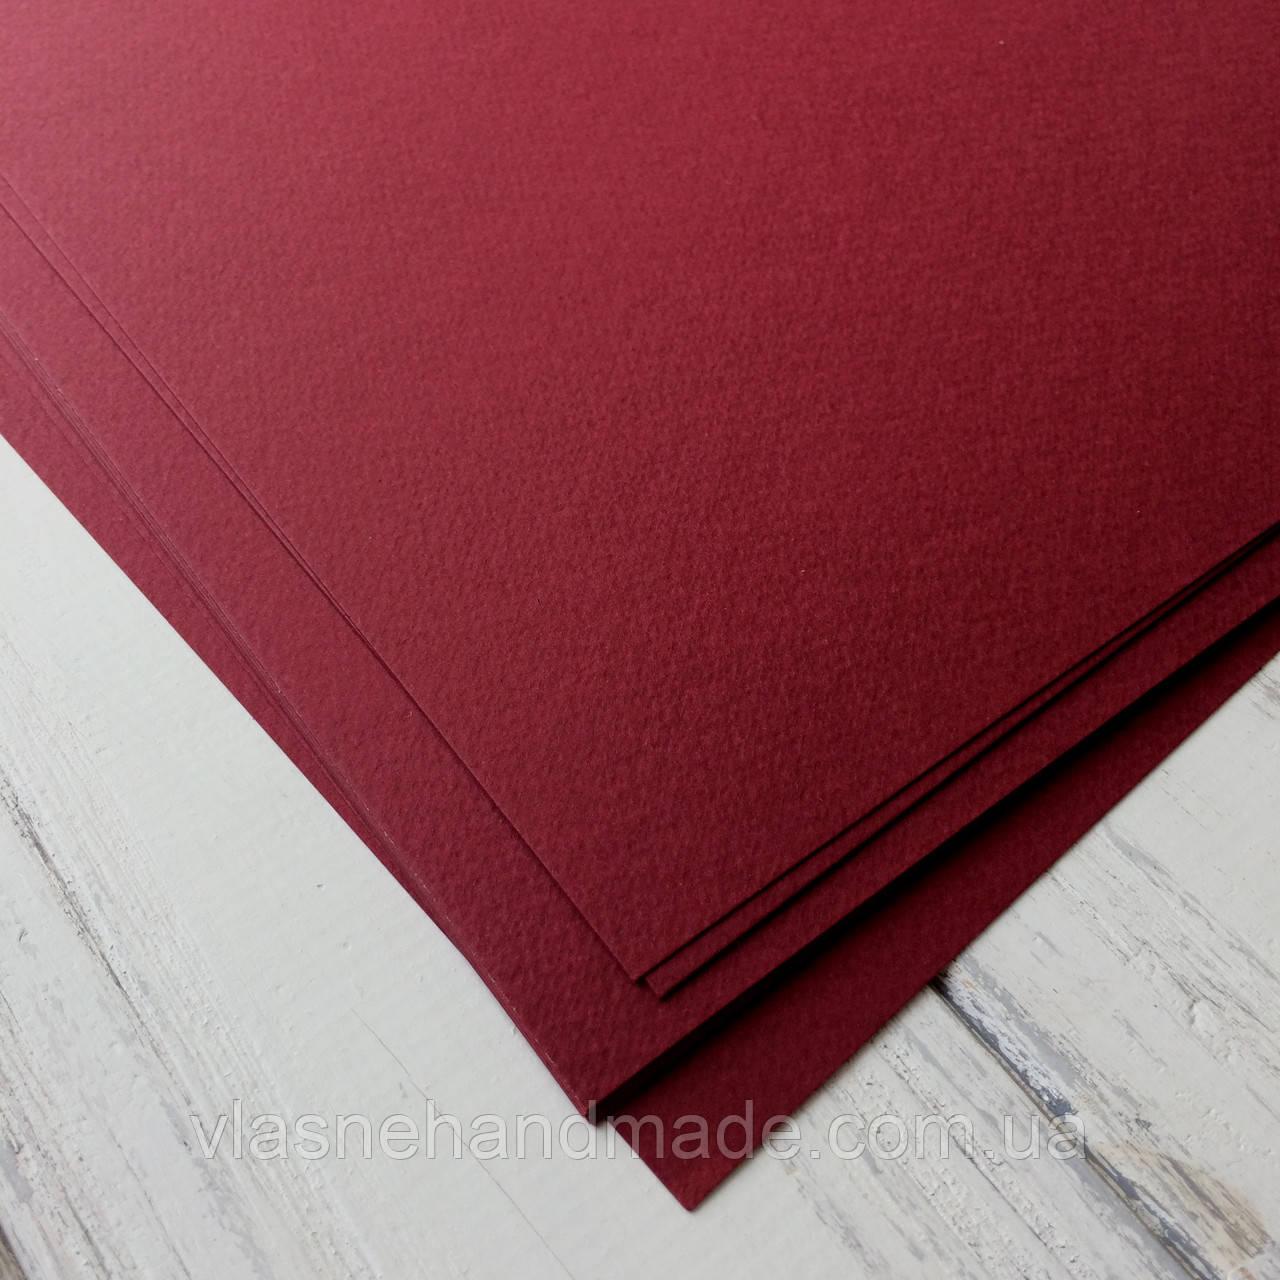 Дизайнерський Картон - бордо - з легкою фактурою - 26,5х25 см - 250 р./м. кв